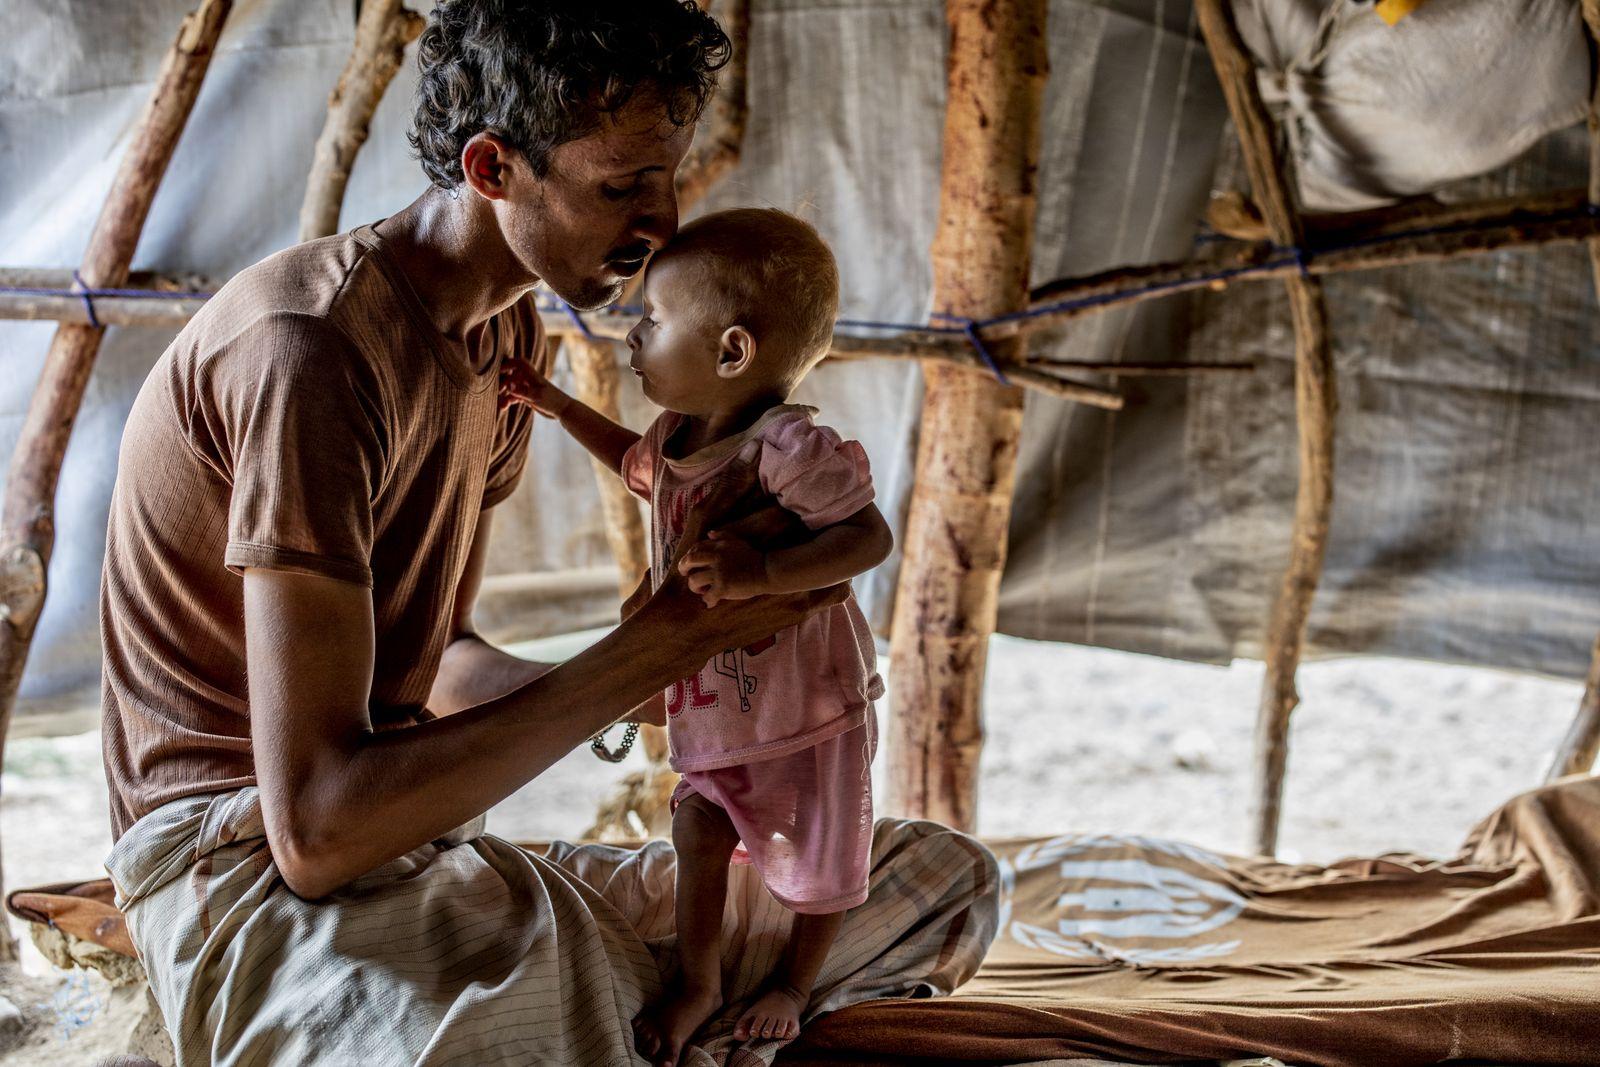 EINMALIGE VERWENDUNG SPIN DER SPIEGEL 51/2018 S. 86 Vater Sohn Yemen